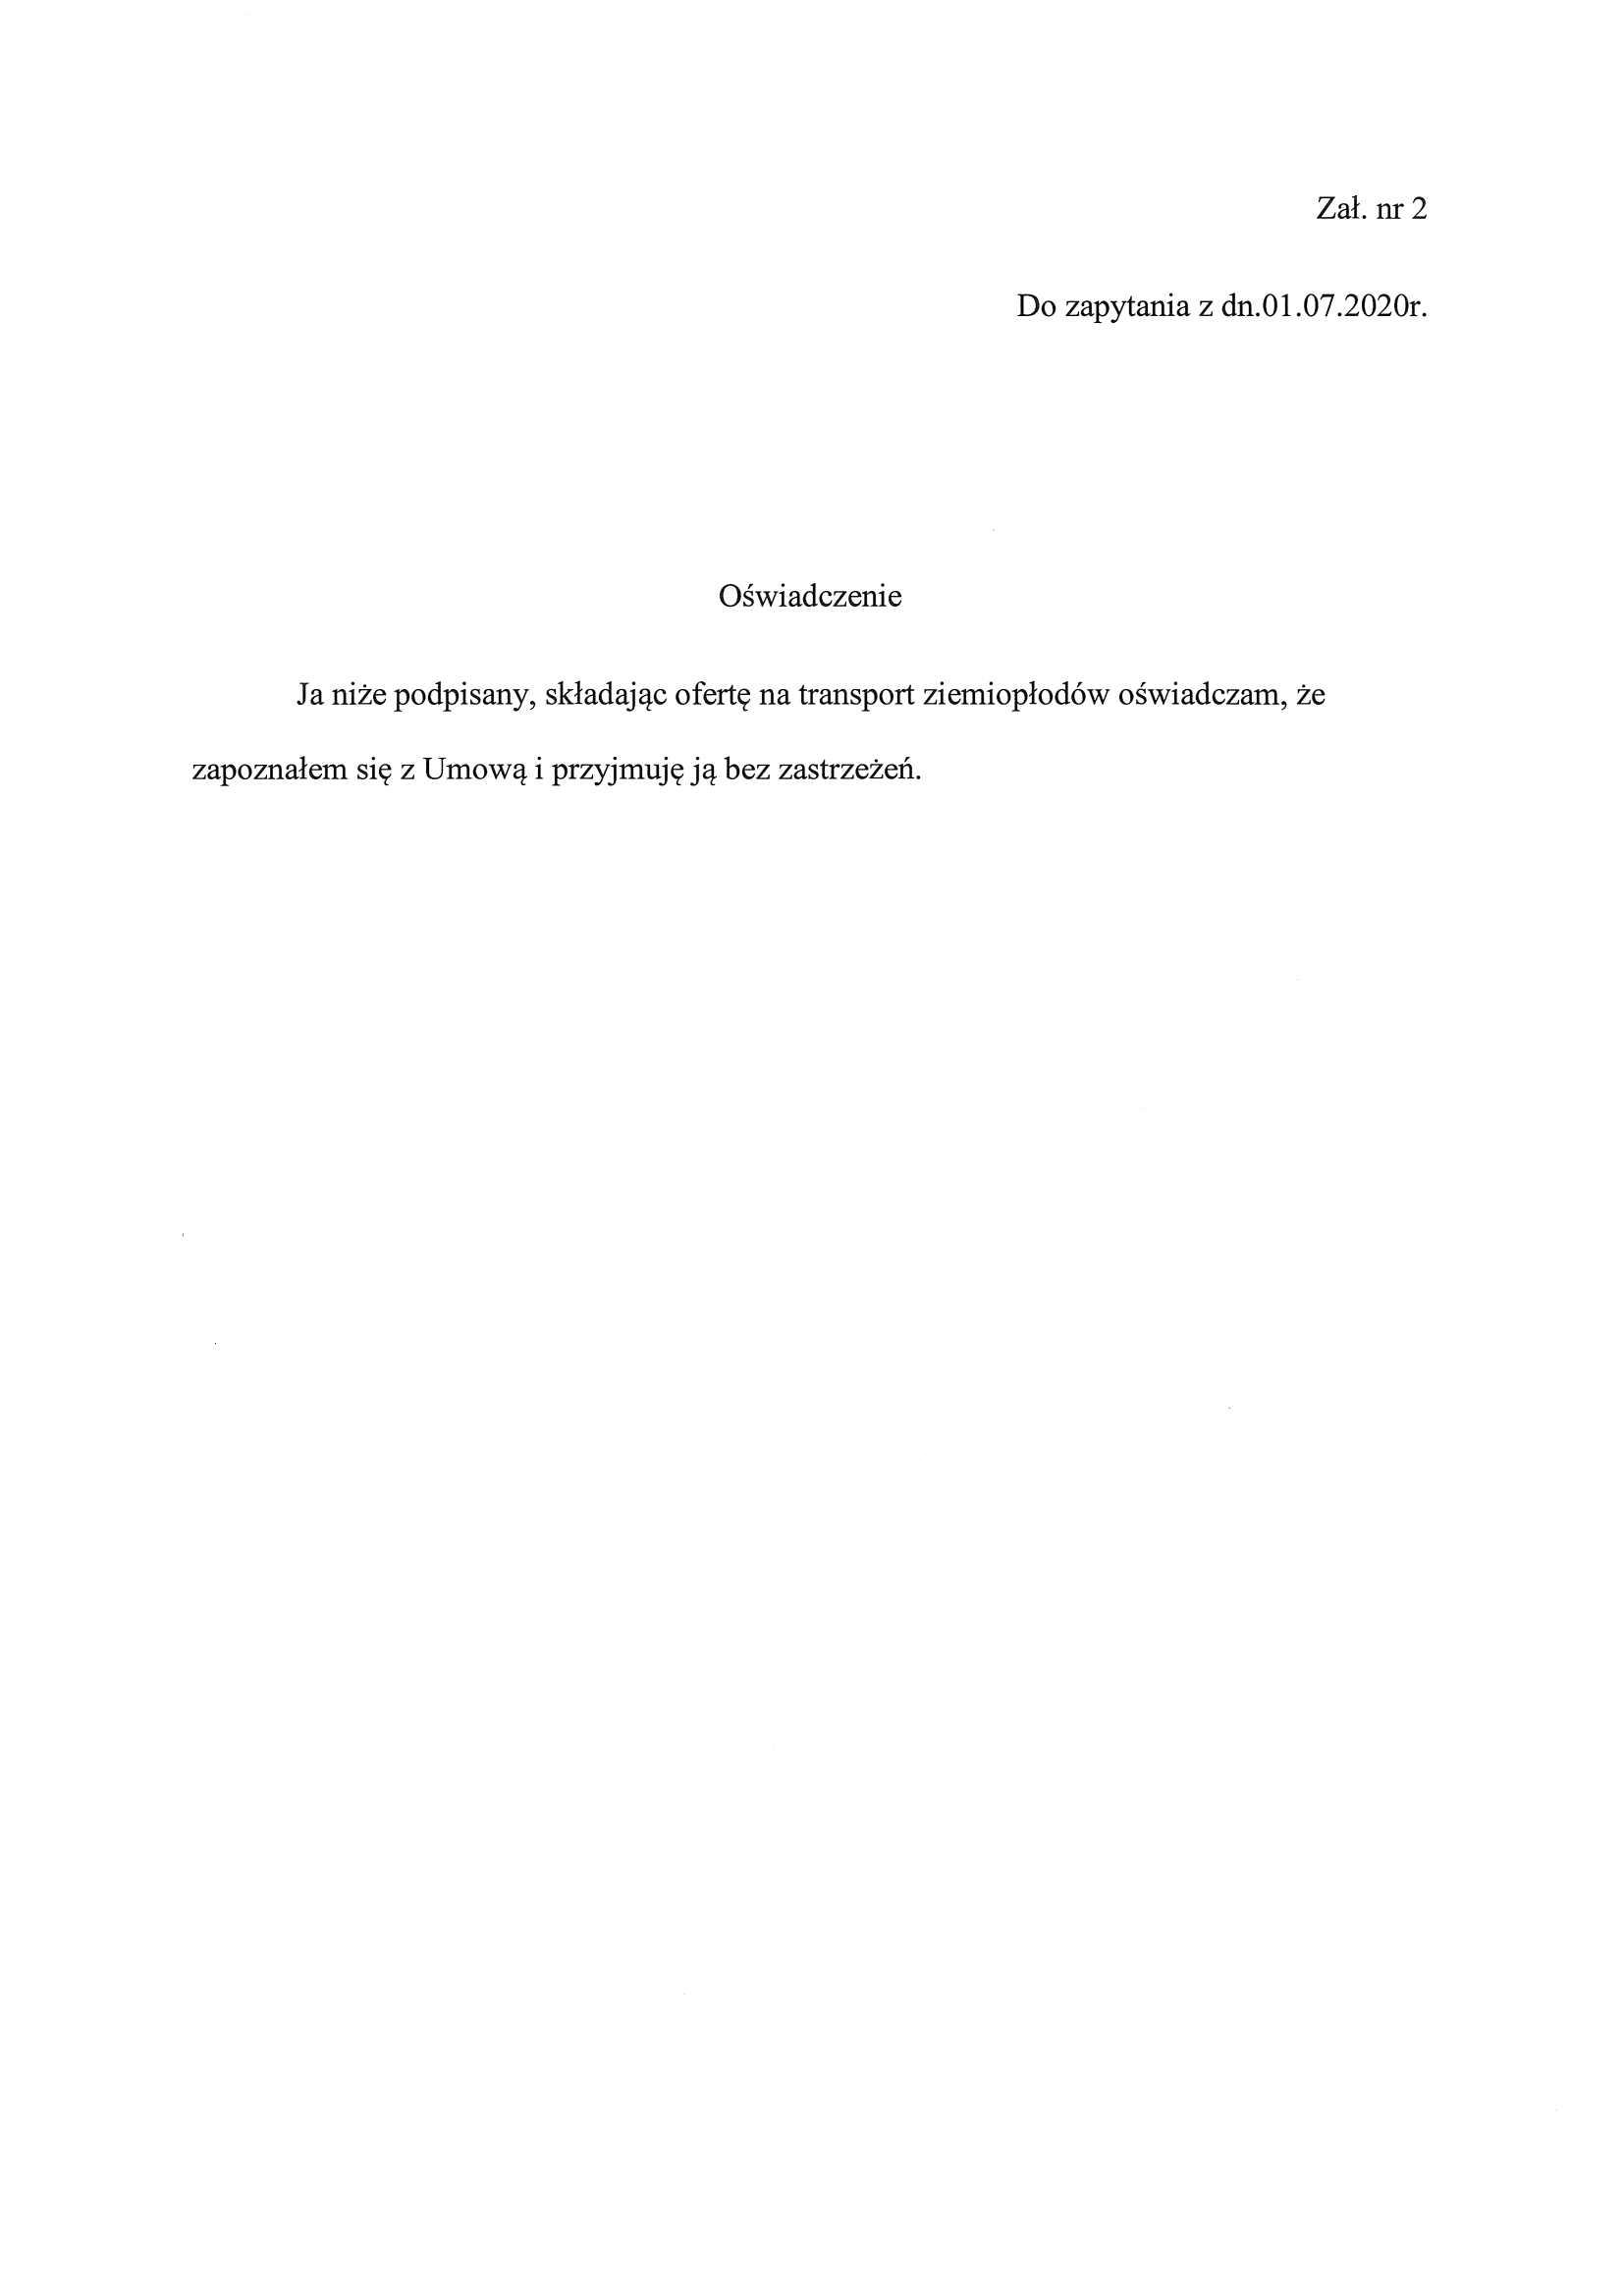 krkietrzsekretariatgmailcom-004jpg